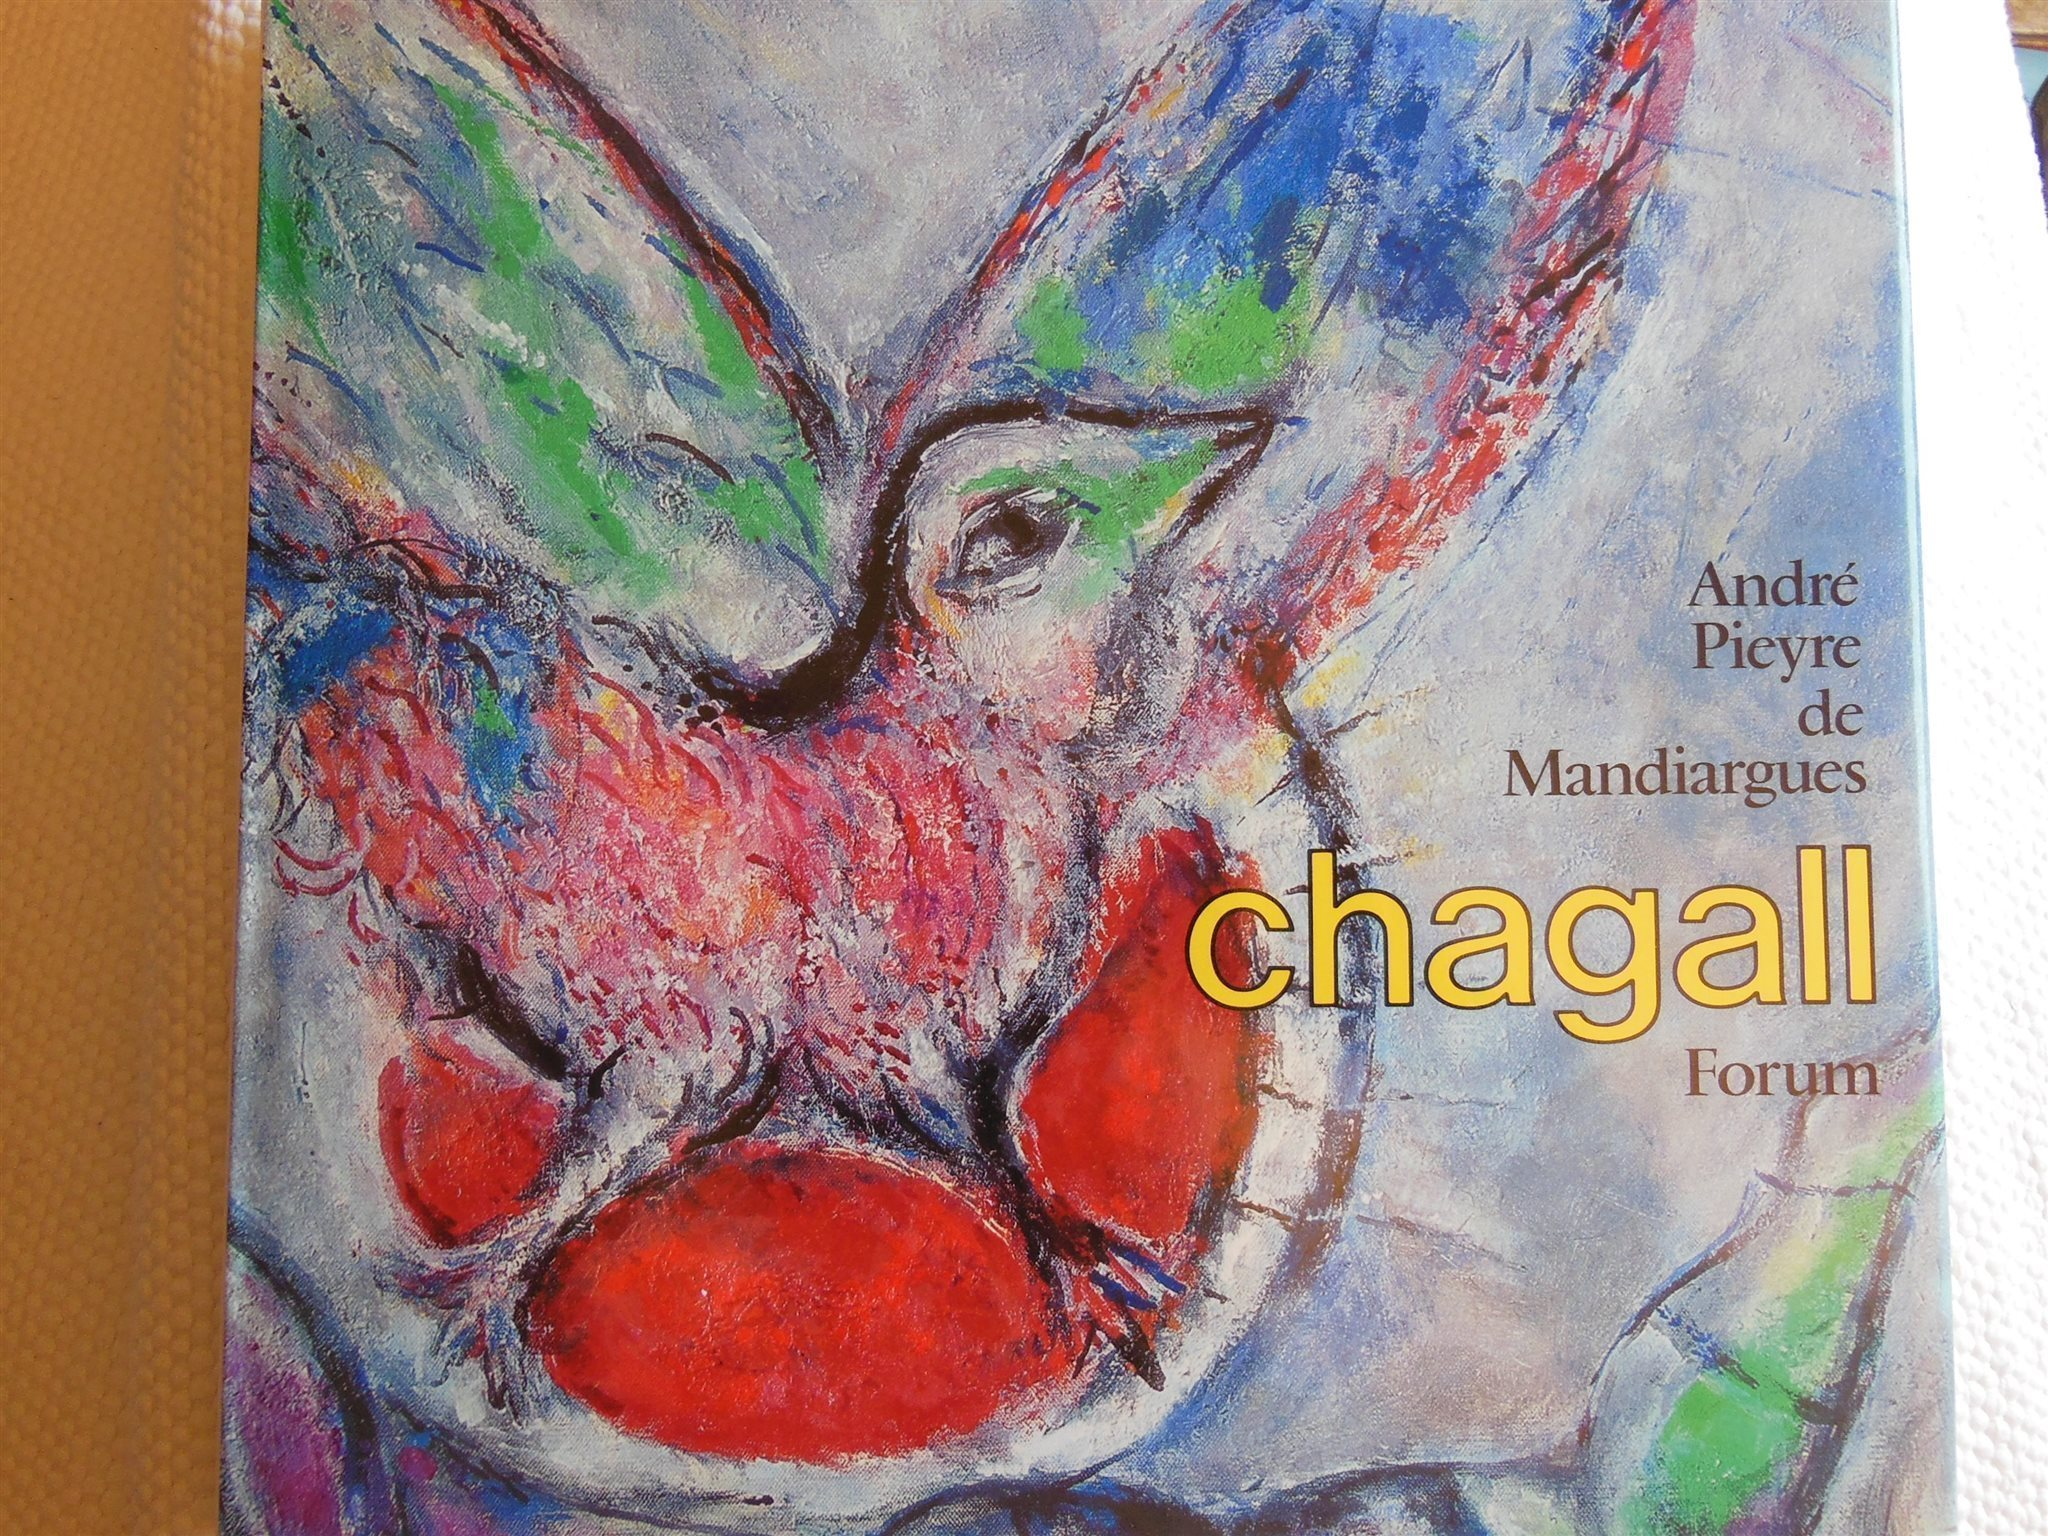 CHAGALL, 152 avbildade verk samt Originallitografi i början av boken, Numrerad